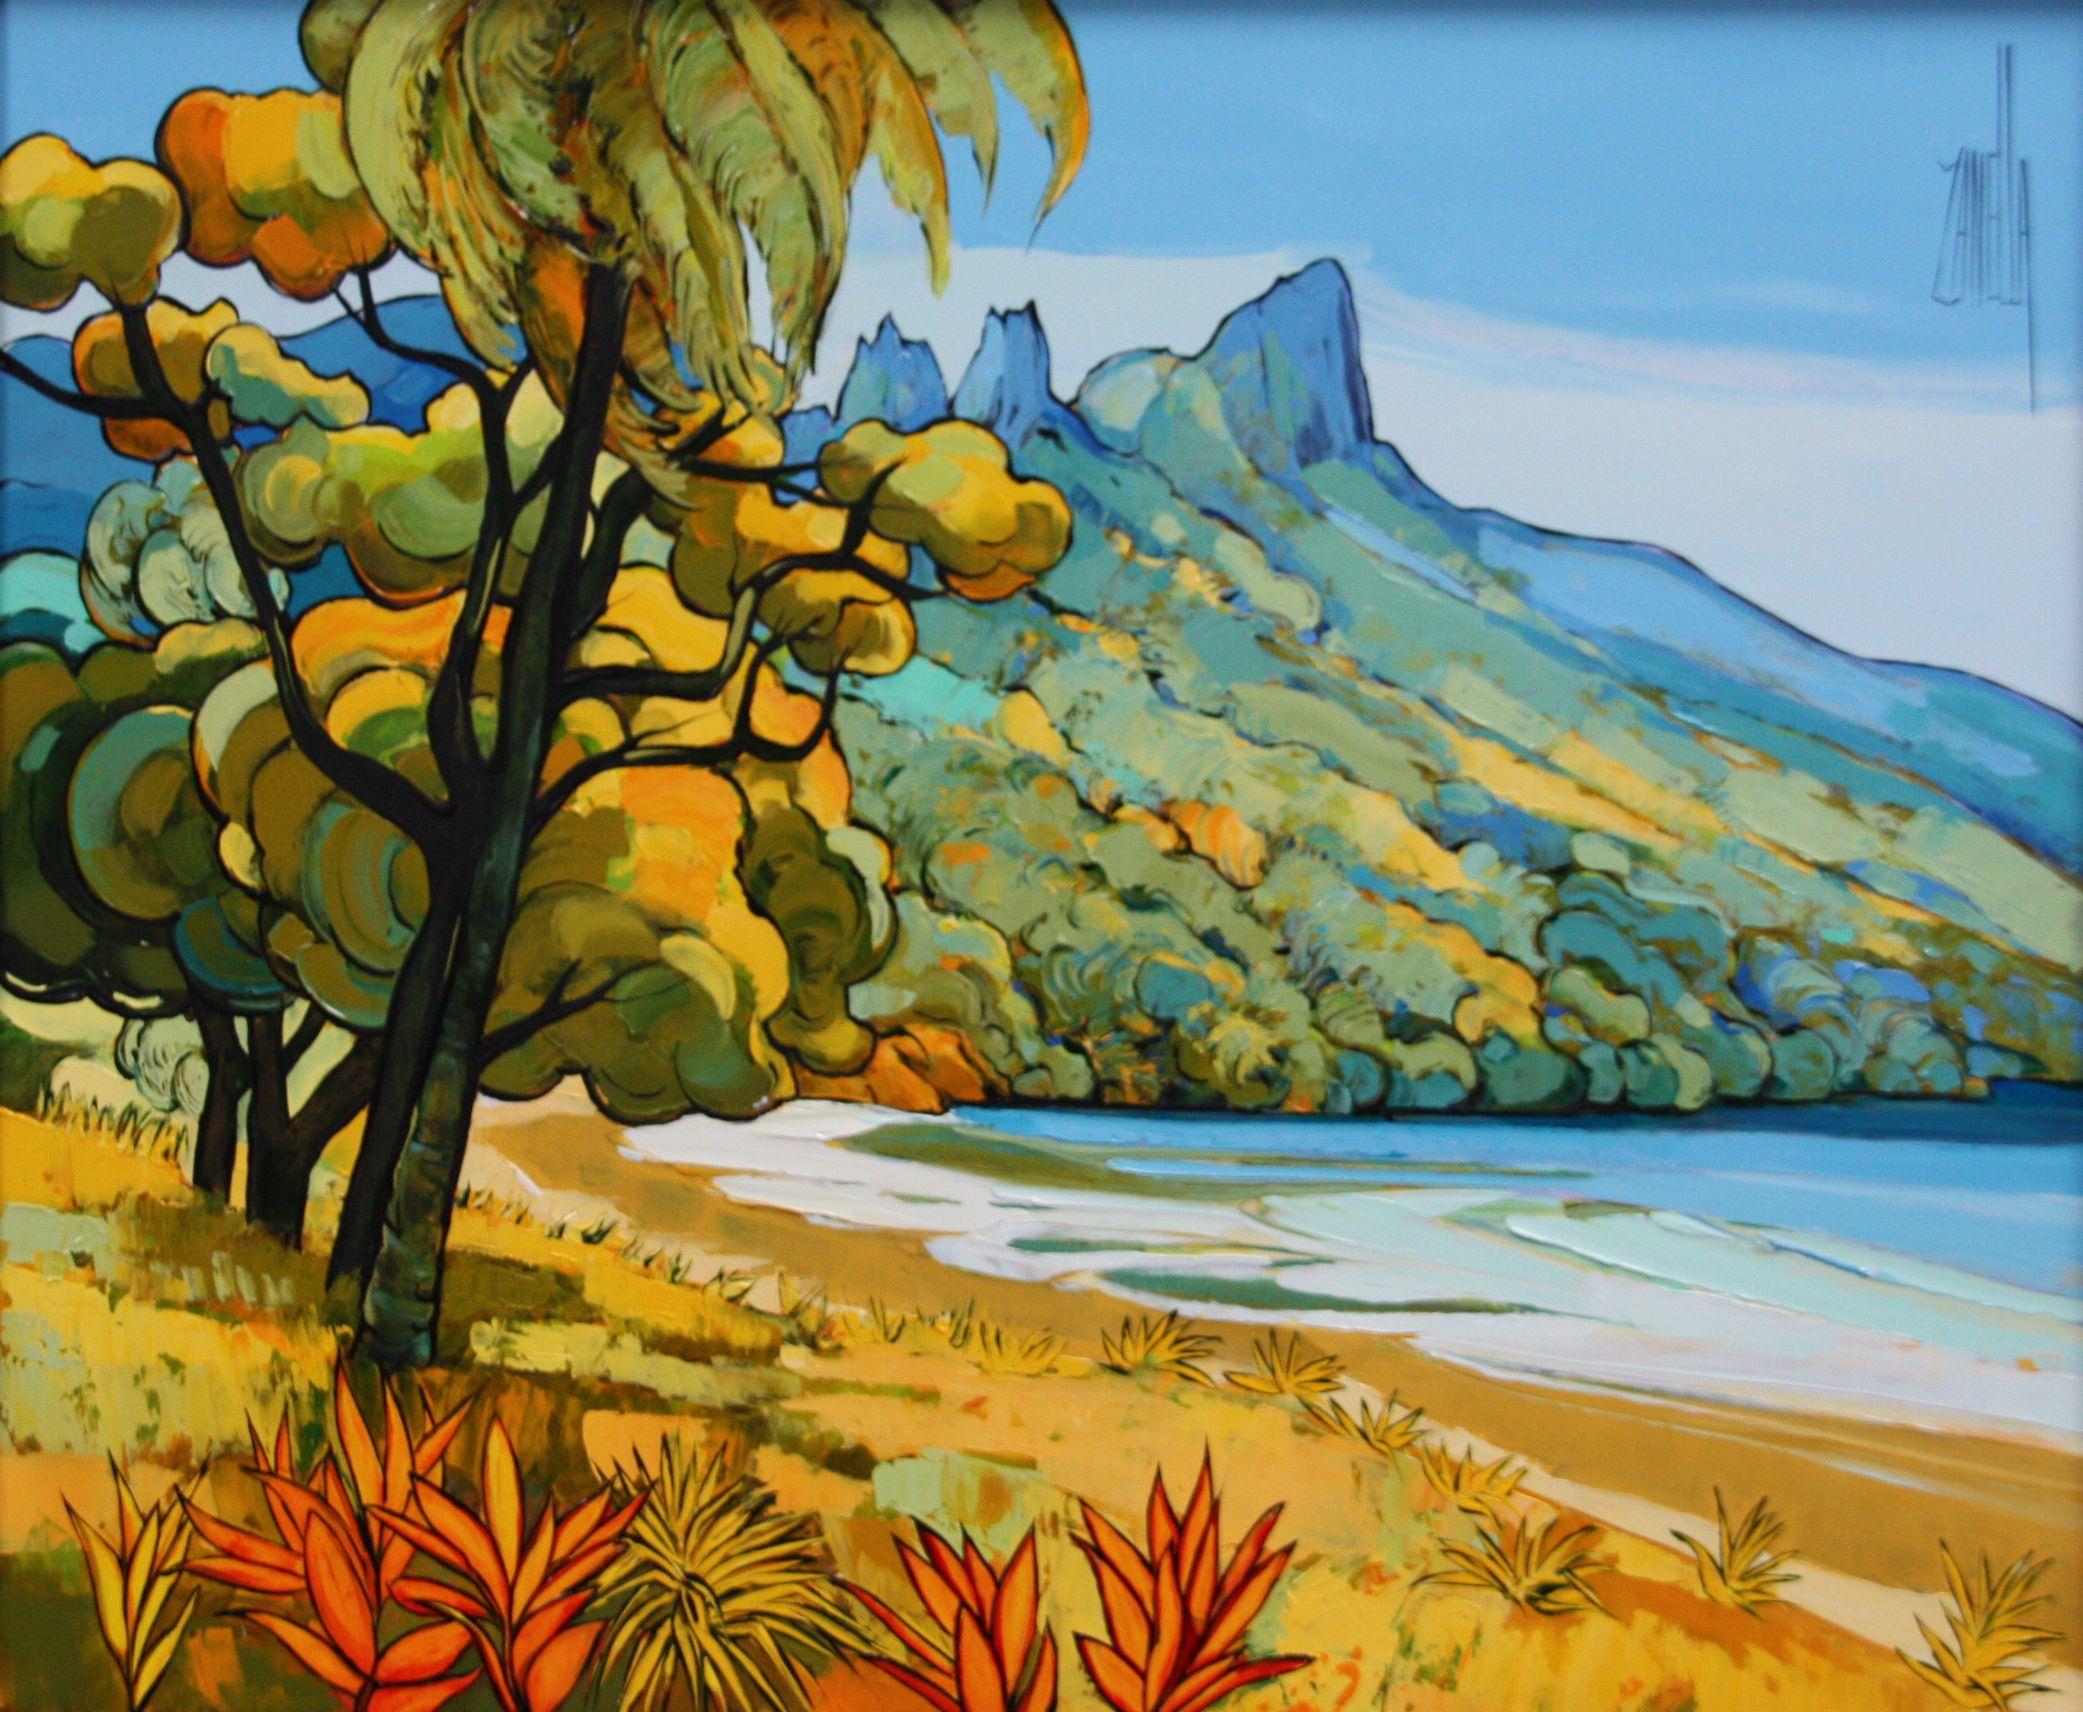 2014-La baie de Hatiheu-Nuku Hiva-Iles Marquises-8F